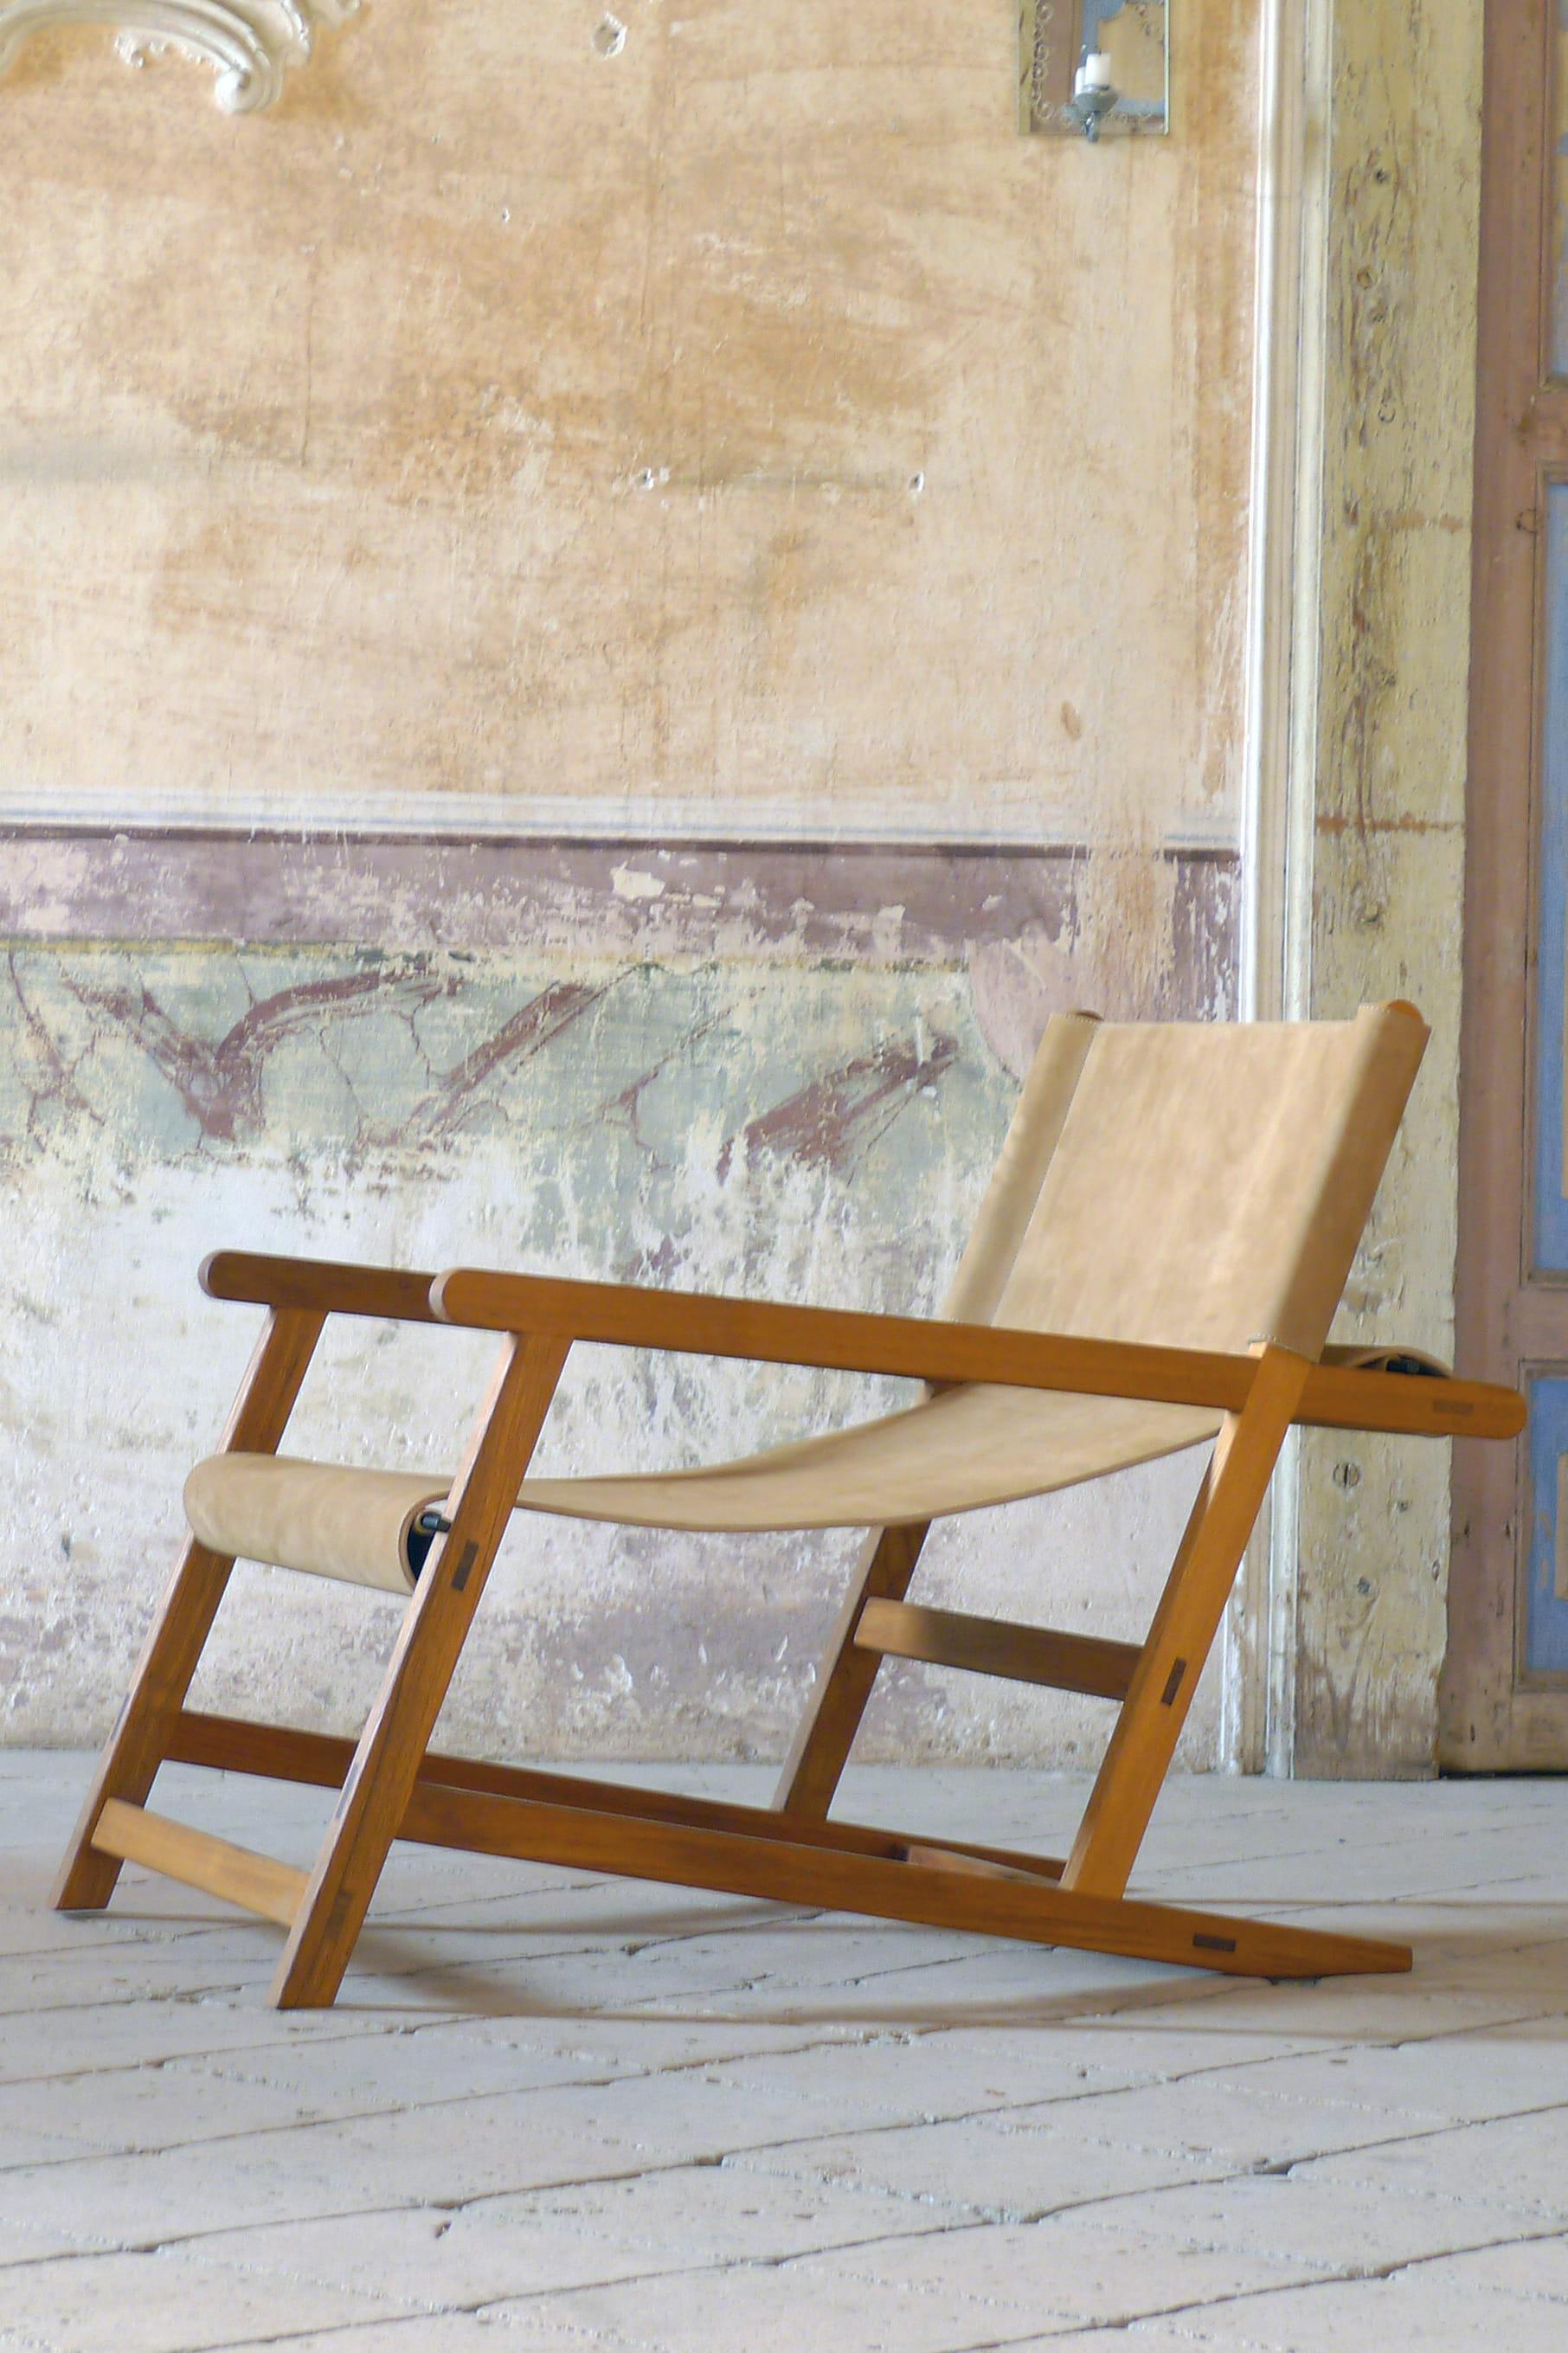 chaise longue hanbury chez conran shop bain de soleil sur mon transat journal des femmes. Black Bedroom Furniture Sets. Home Design Ideas